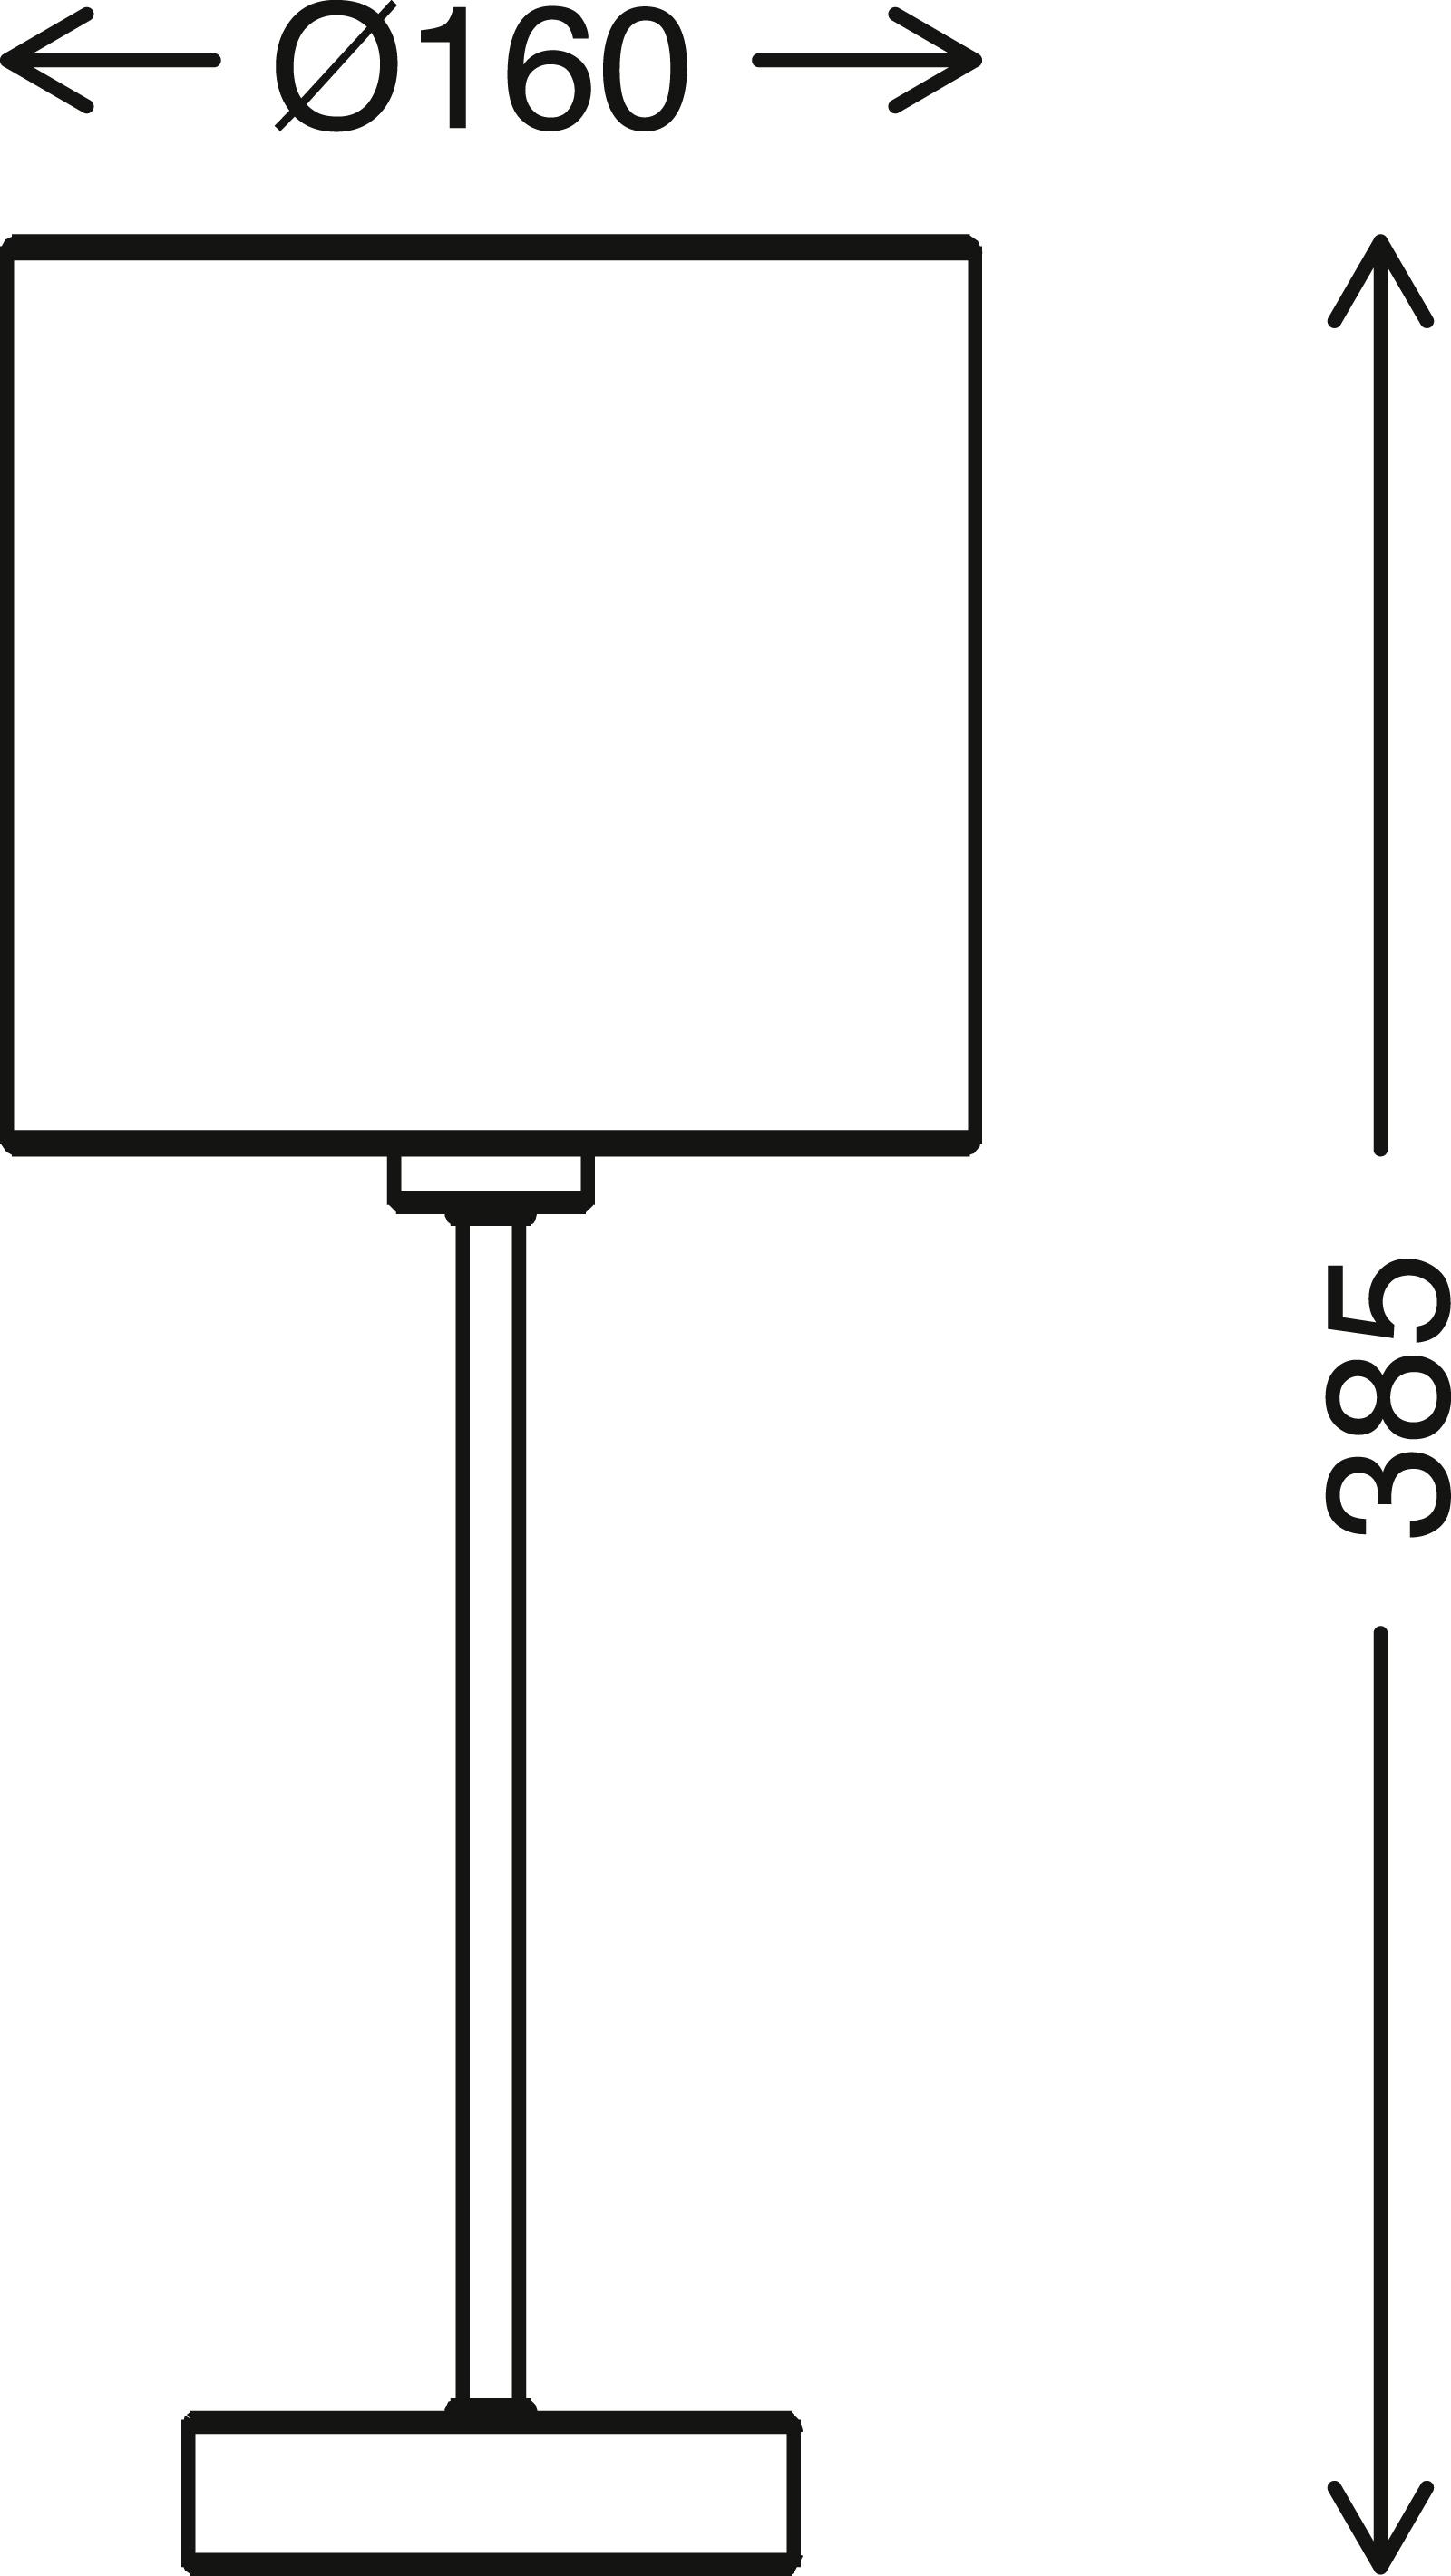 LED Tischleuchte, max. 25 W, 38,5 cm, Weiss